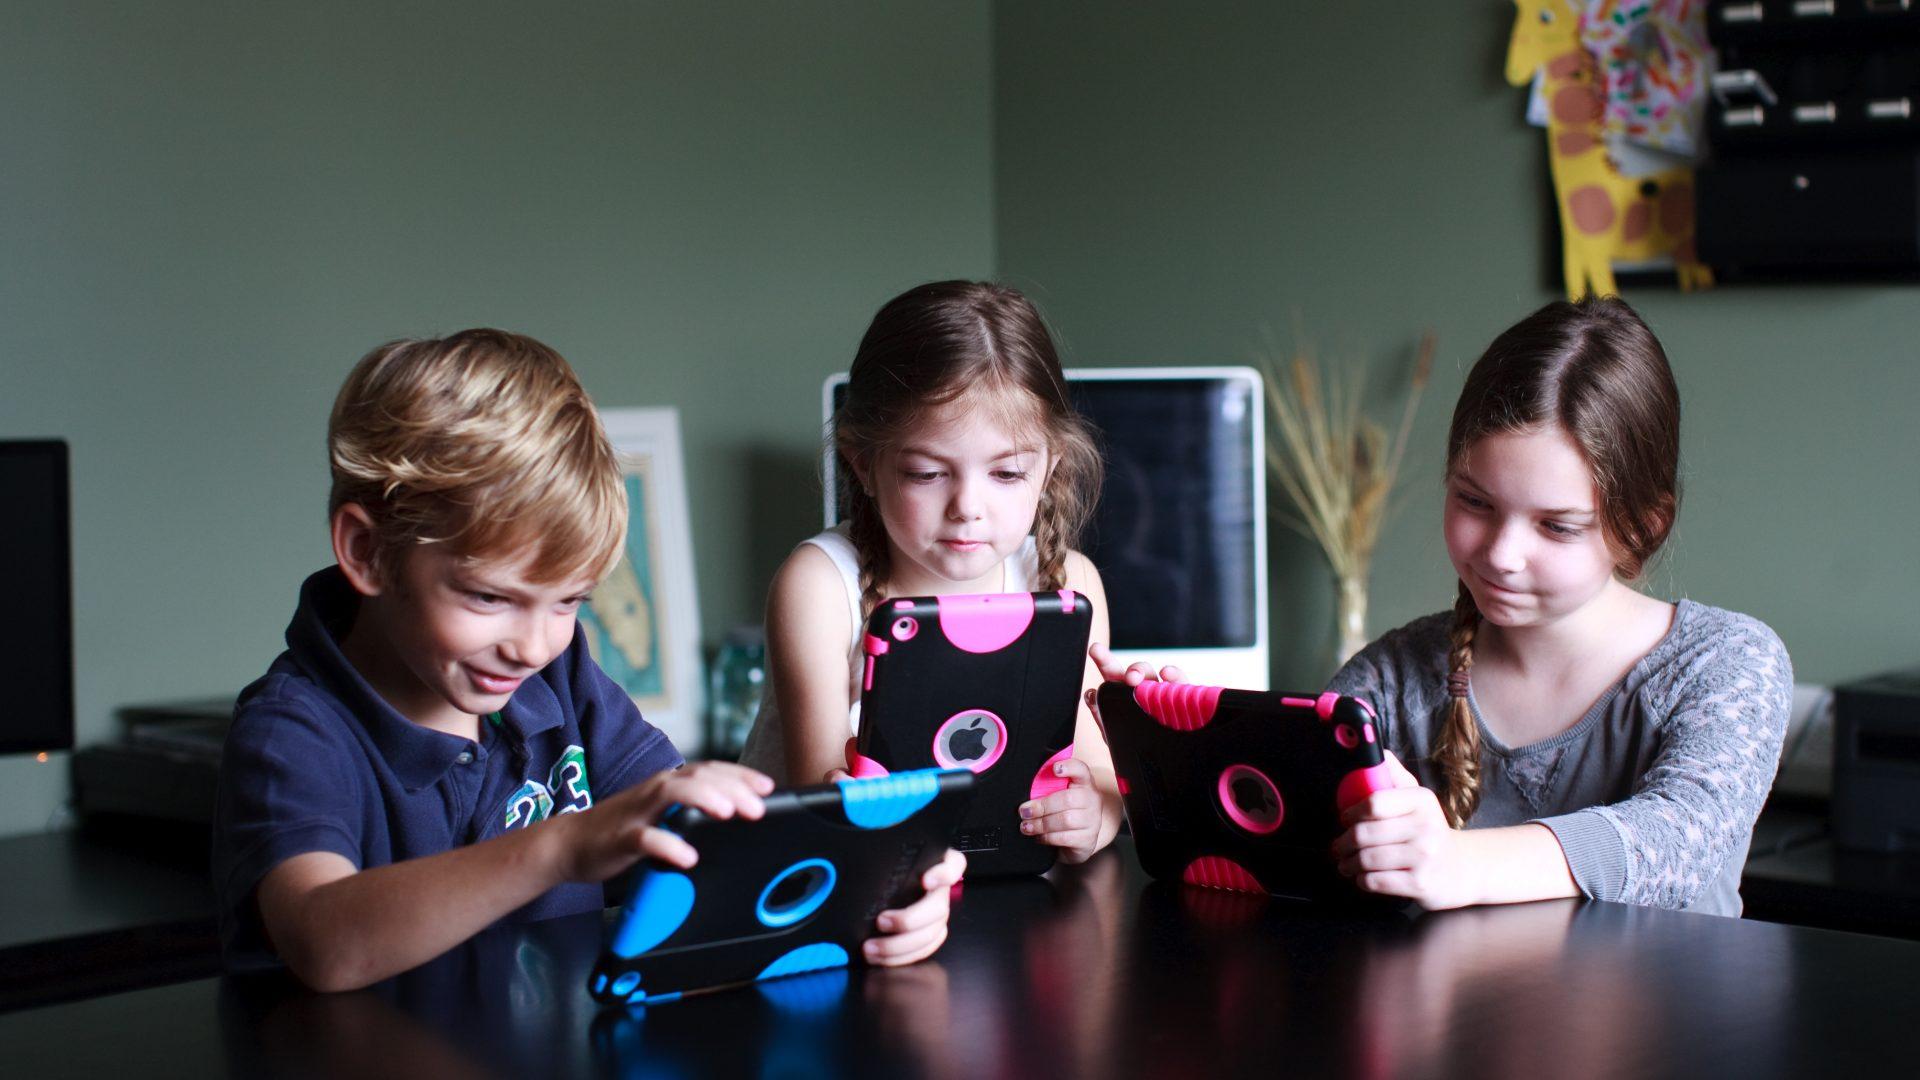 3 children using ipads